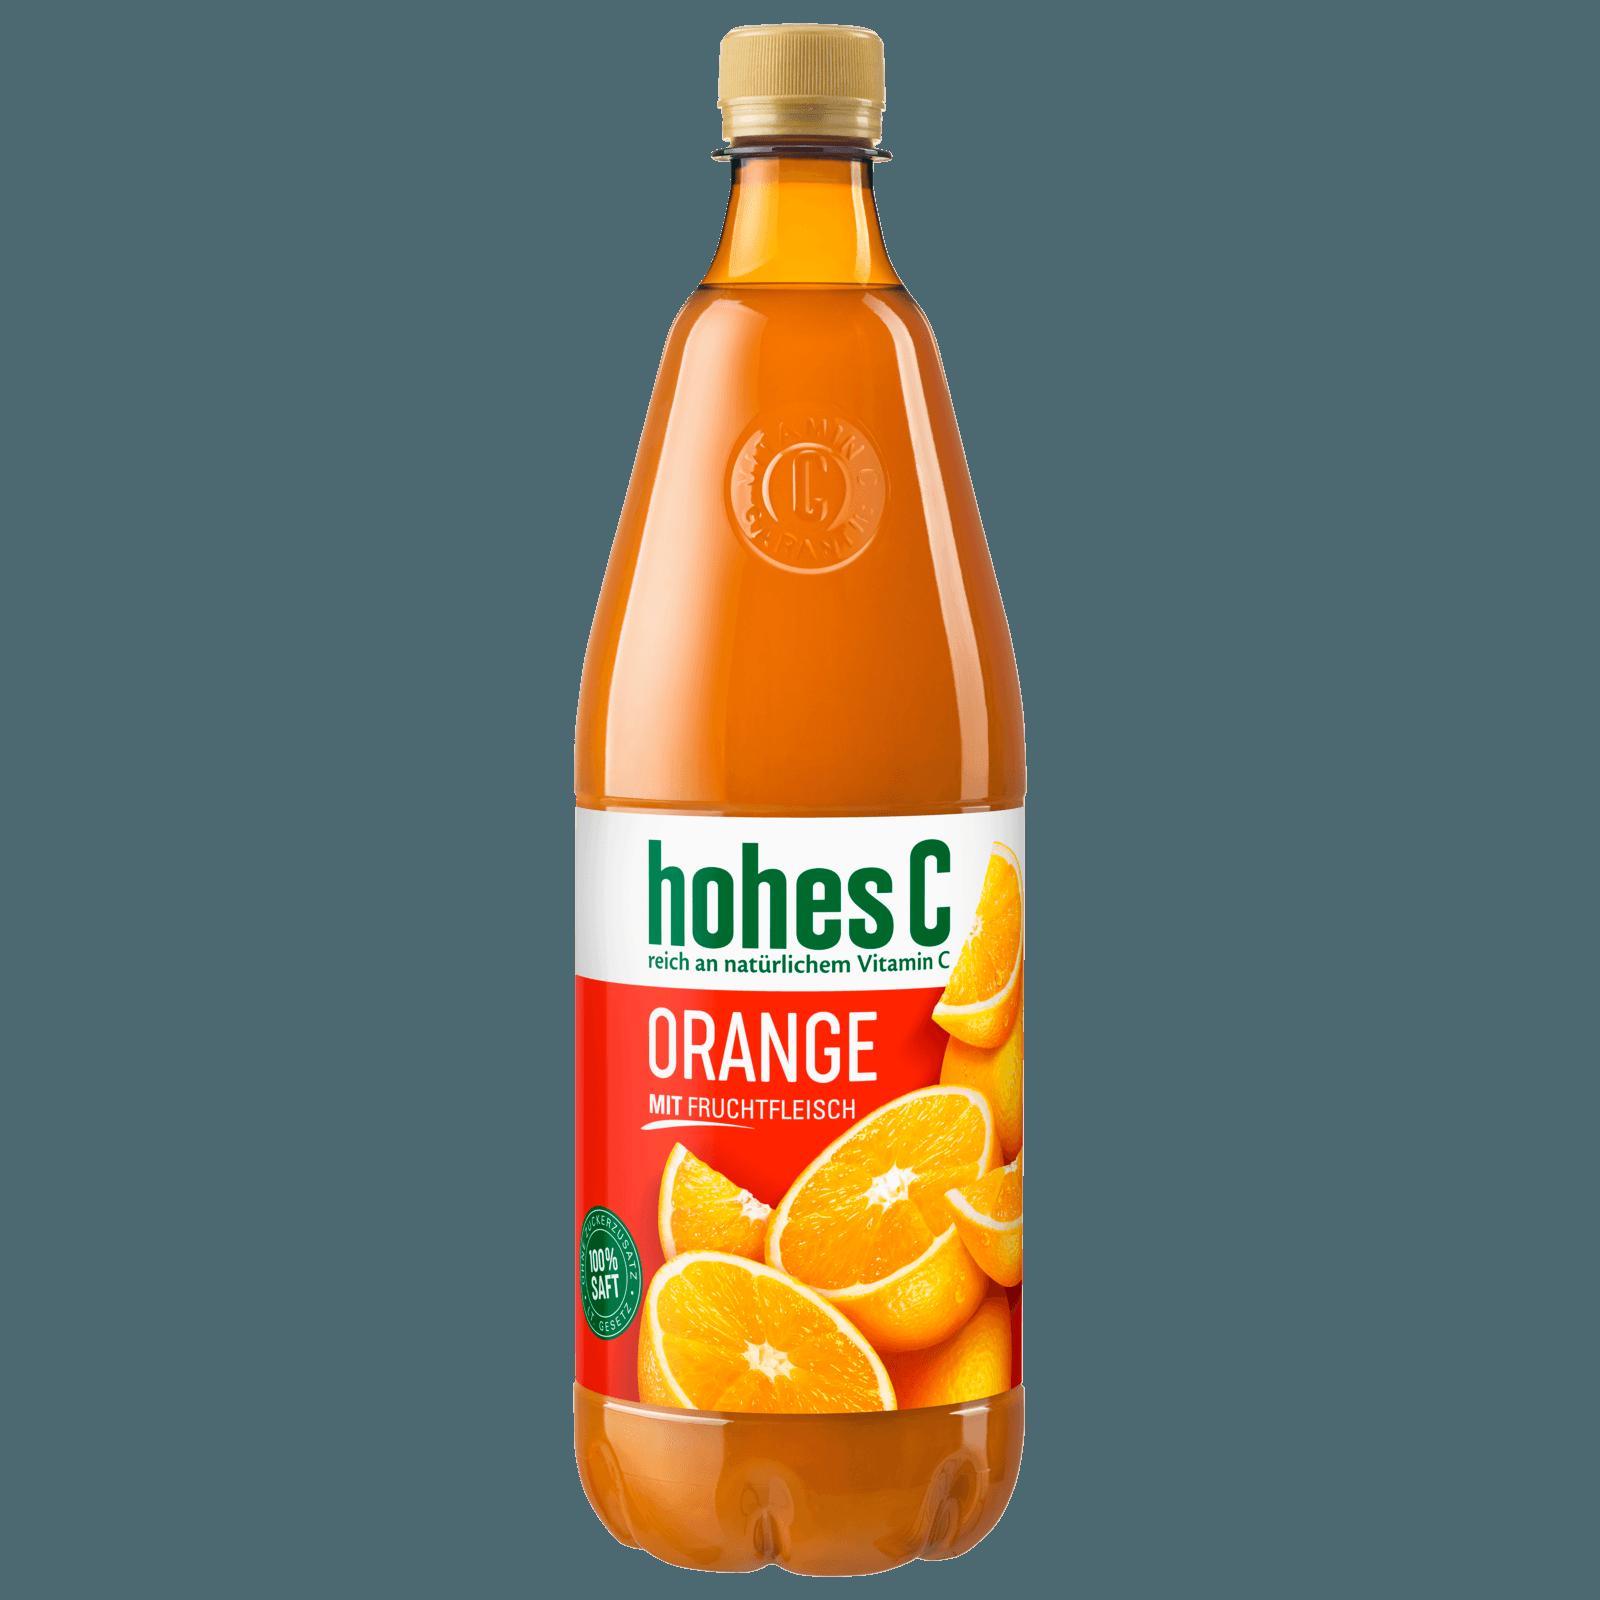 Hohes C Orange mit Fruchtfleisch 1l